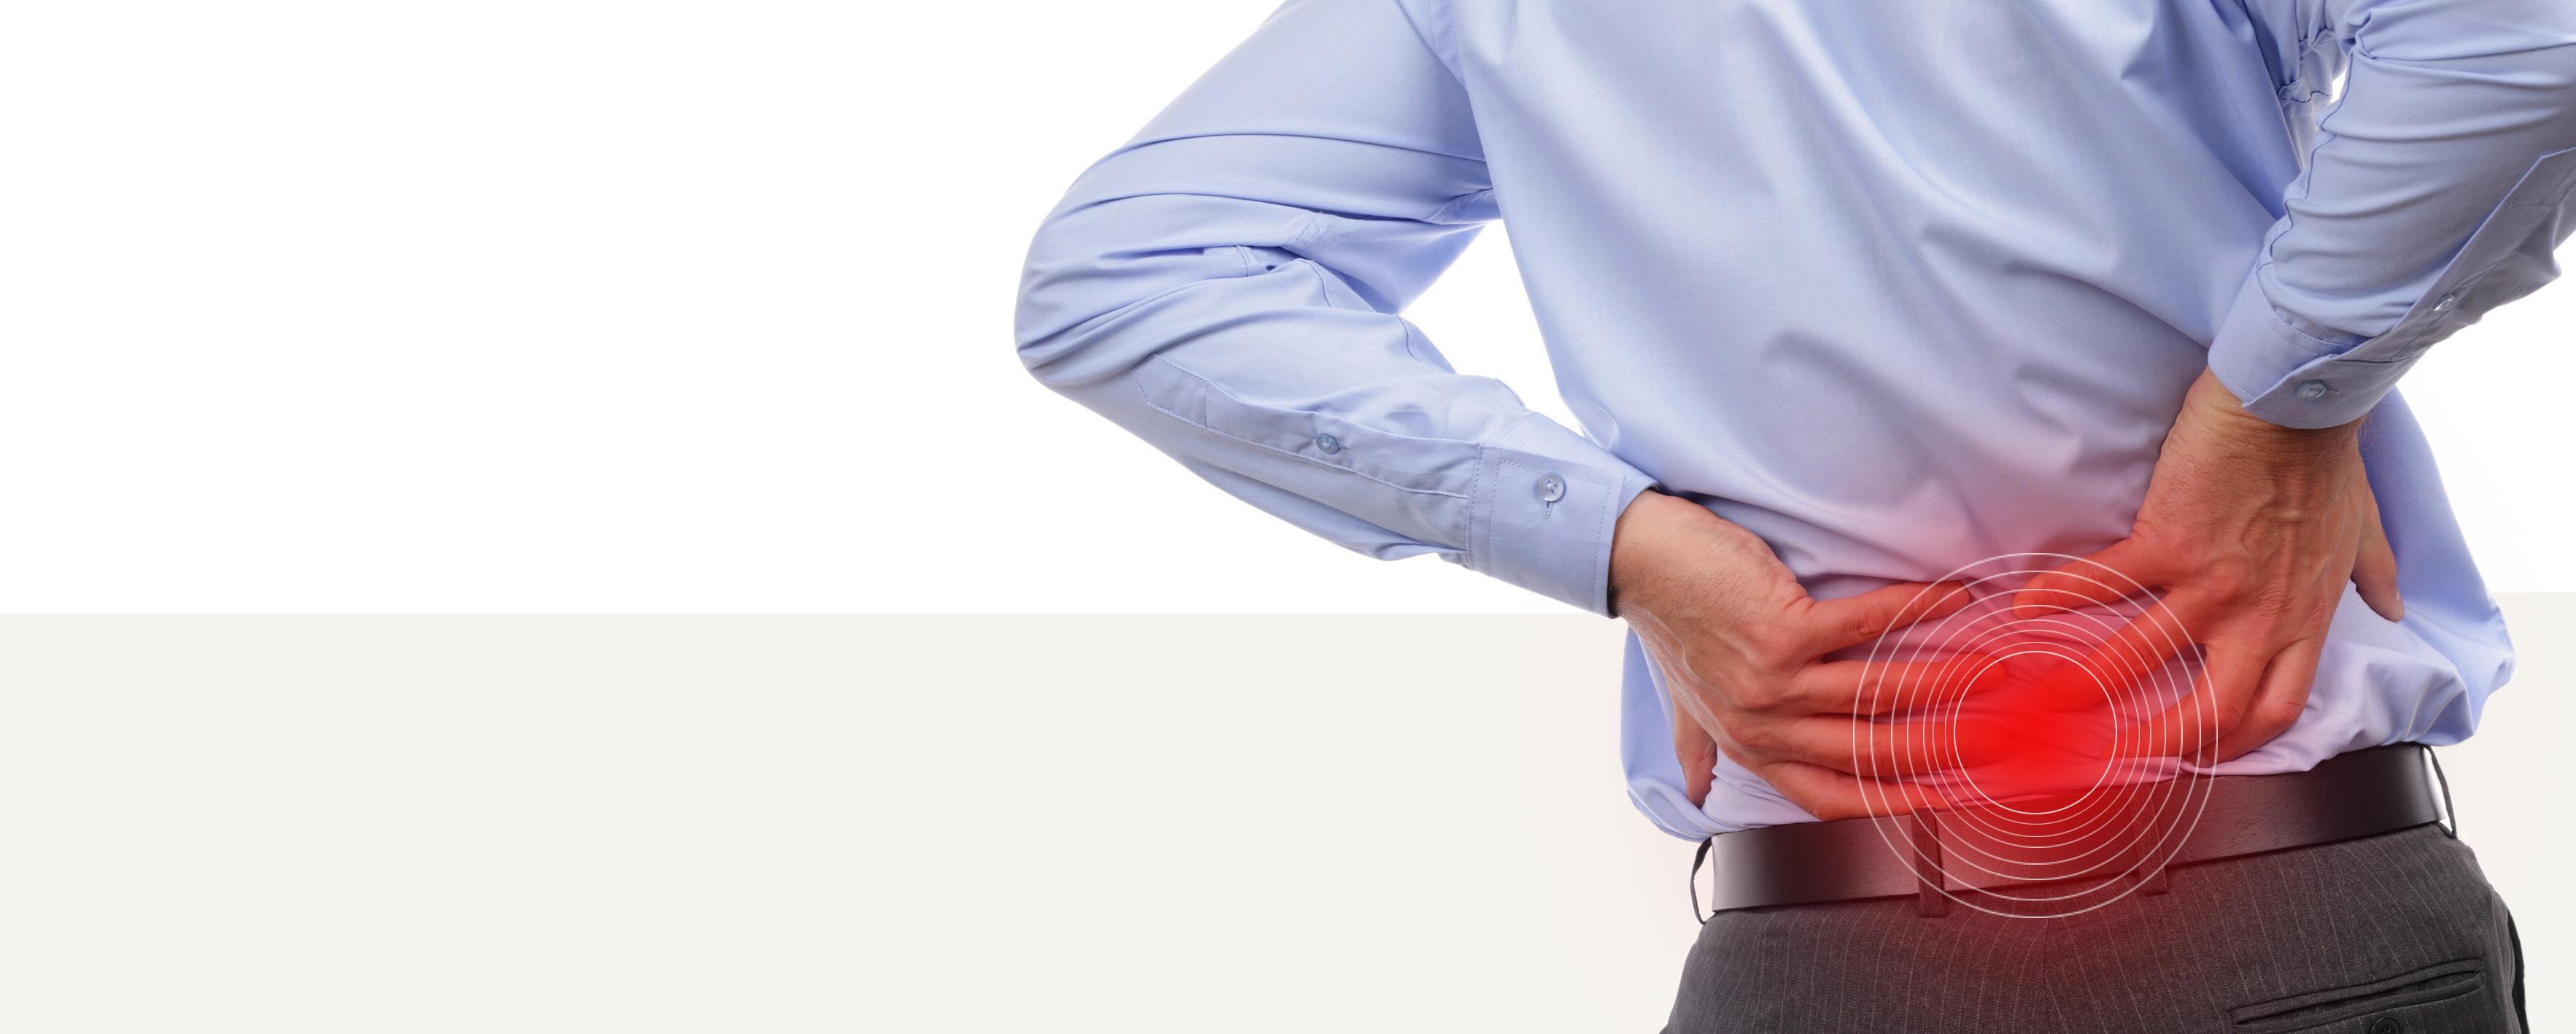 아침에 허리 아래 통증 있으면 '강직성 척추염' 의심